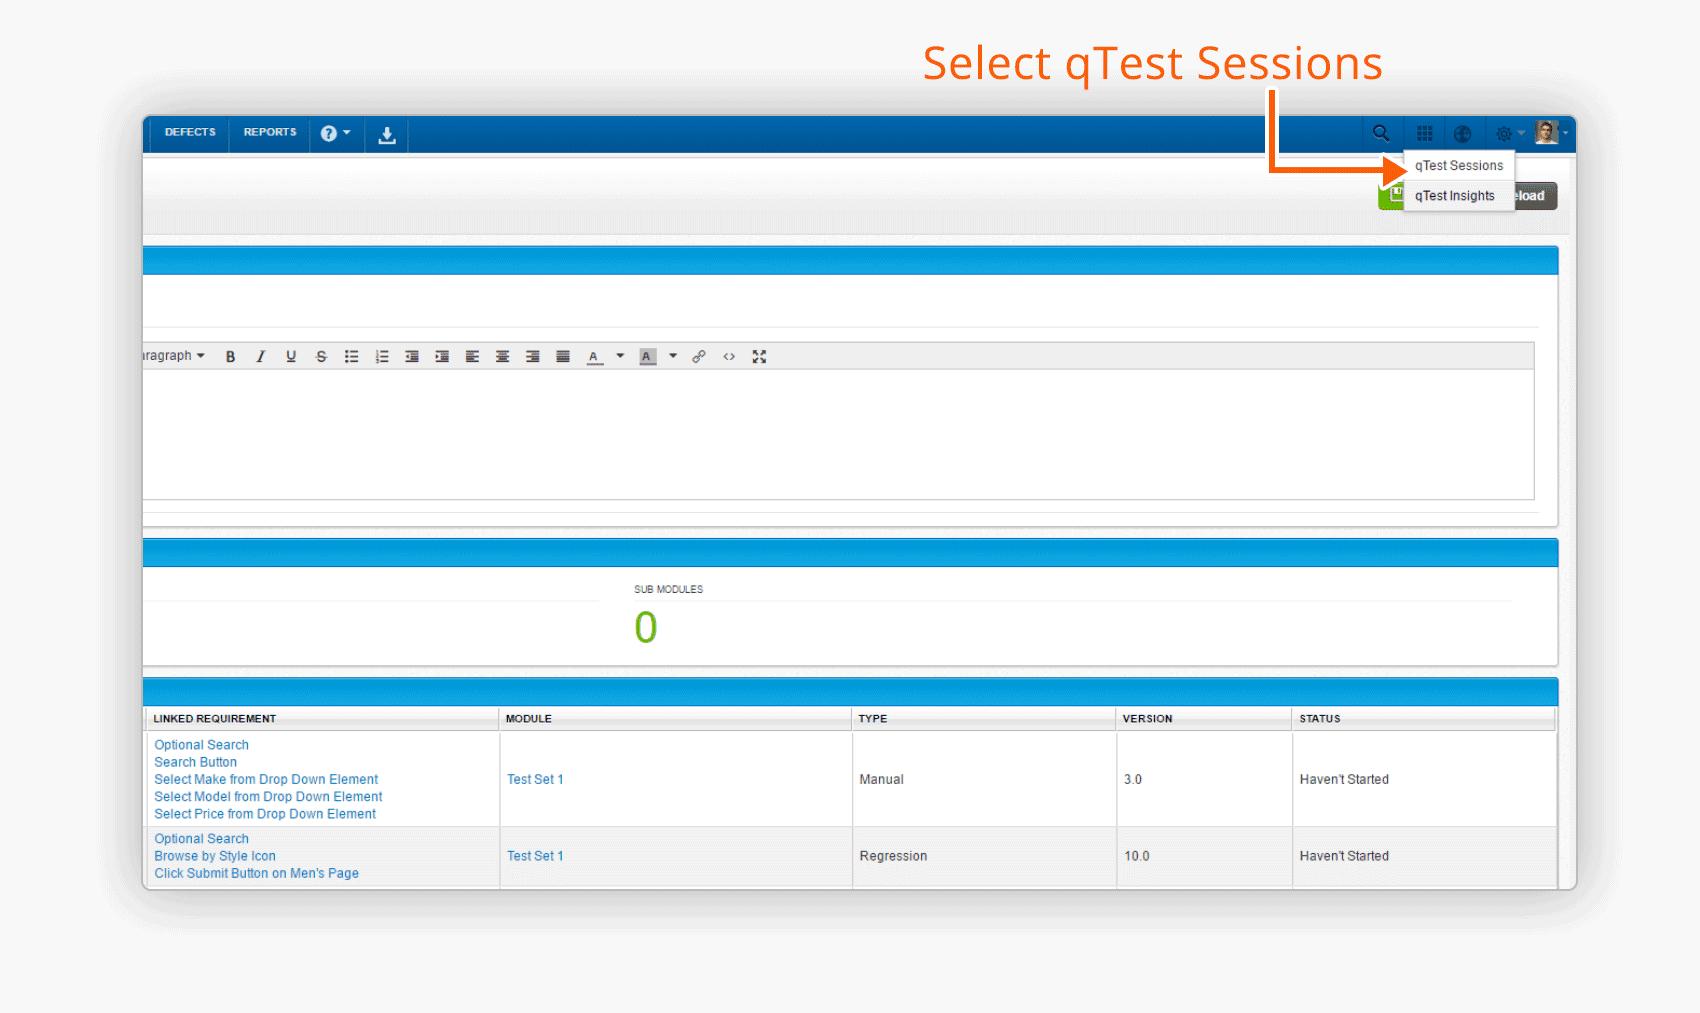 select-qtest-sessions